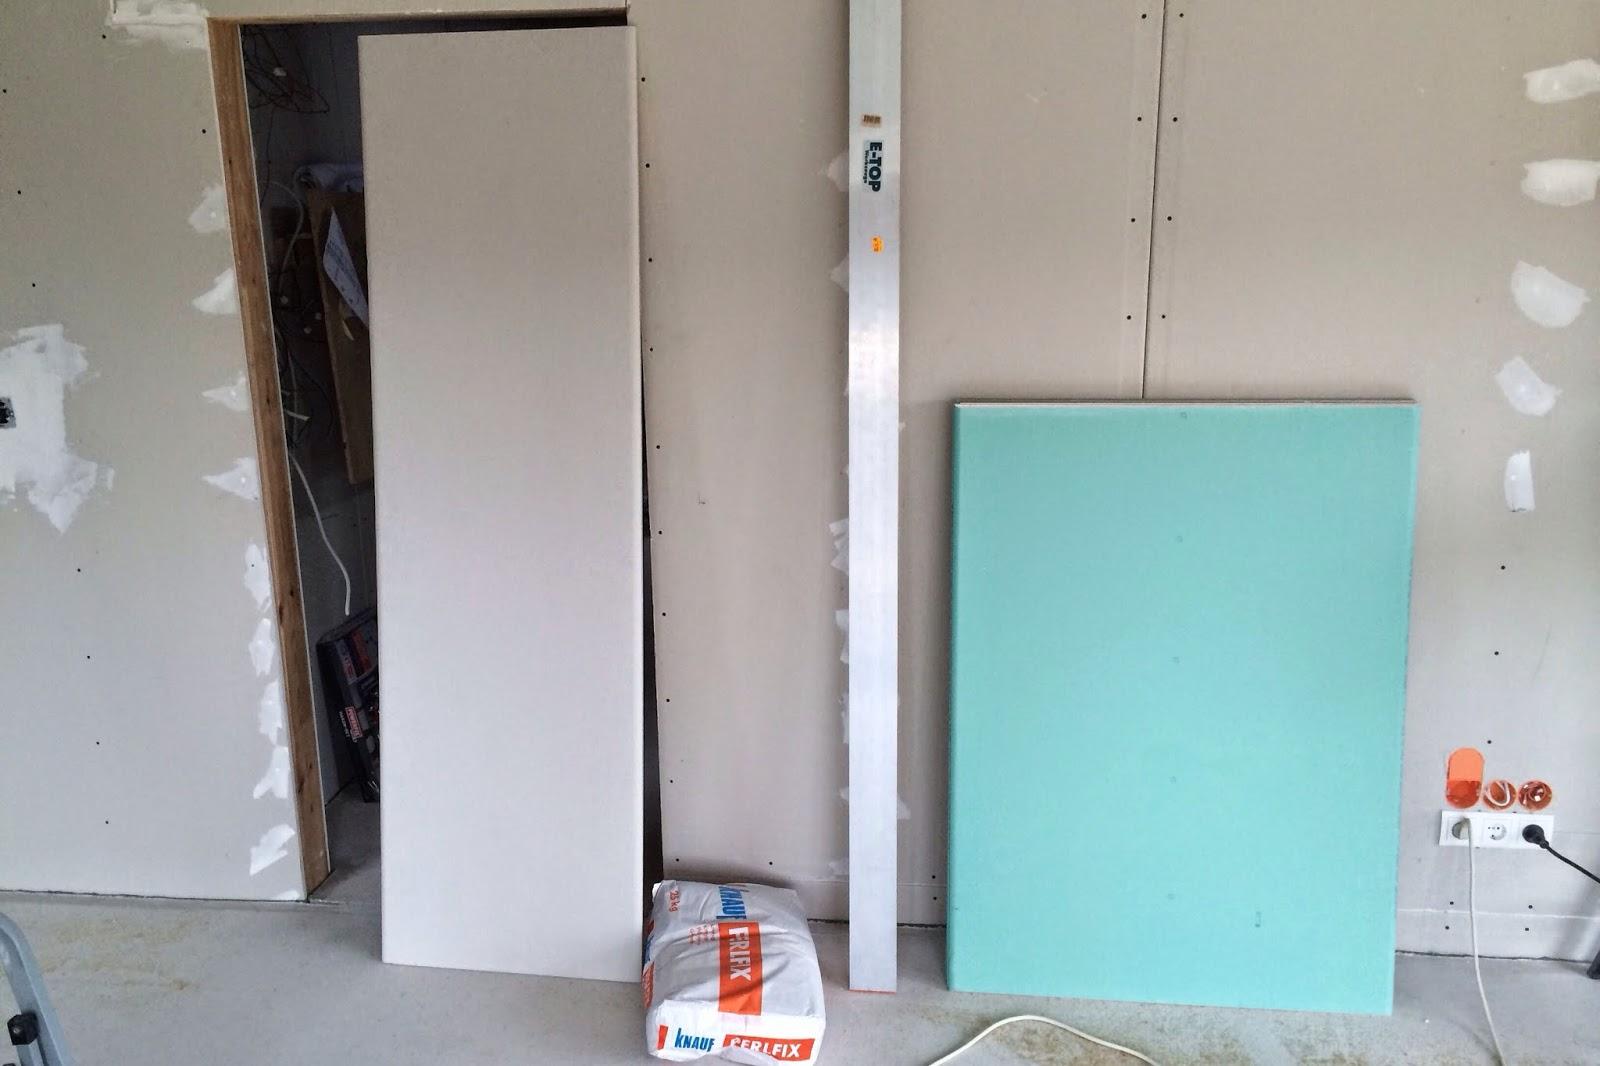 unterzug wohnzimmer:unterzug wohnzimmer : die weißen Platten sind für den Unterzug